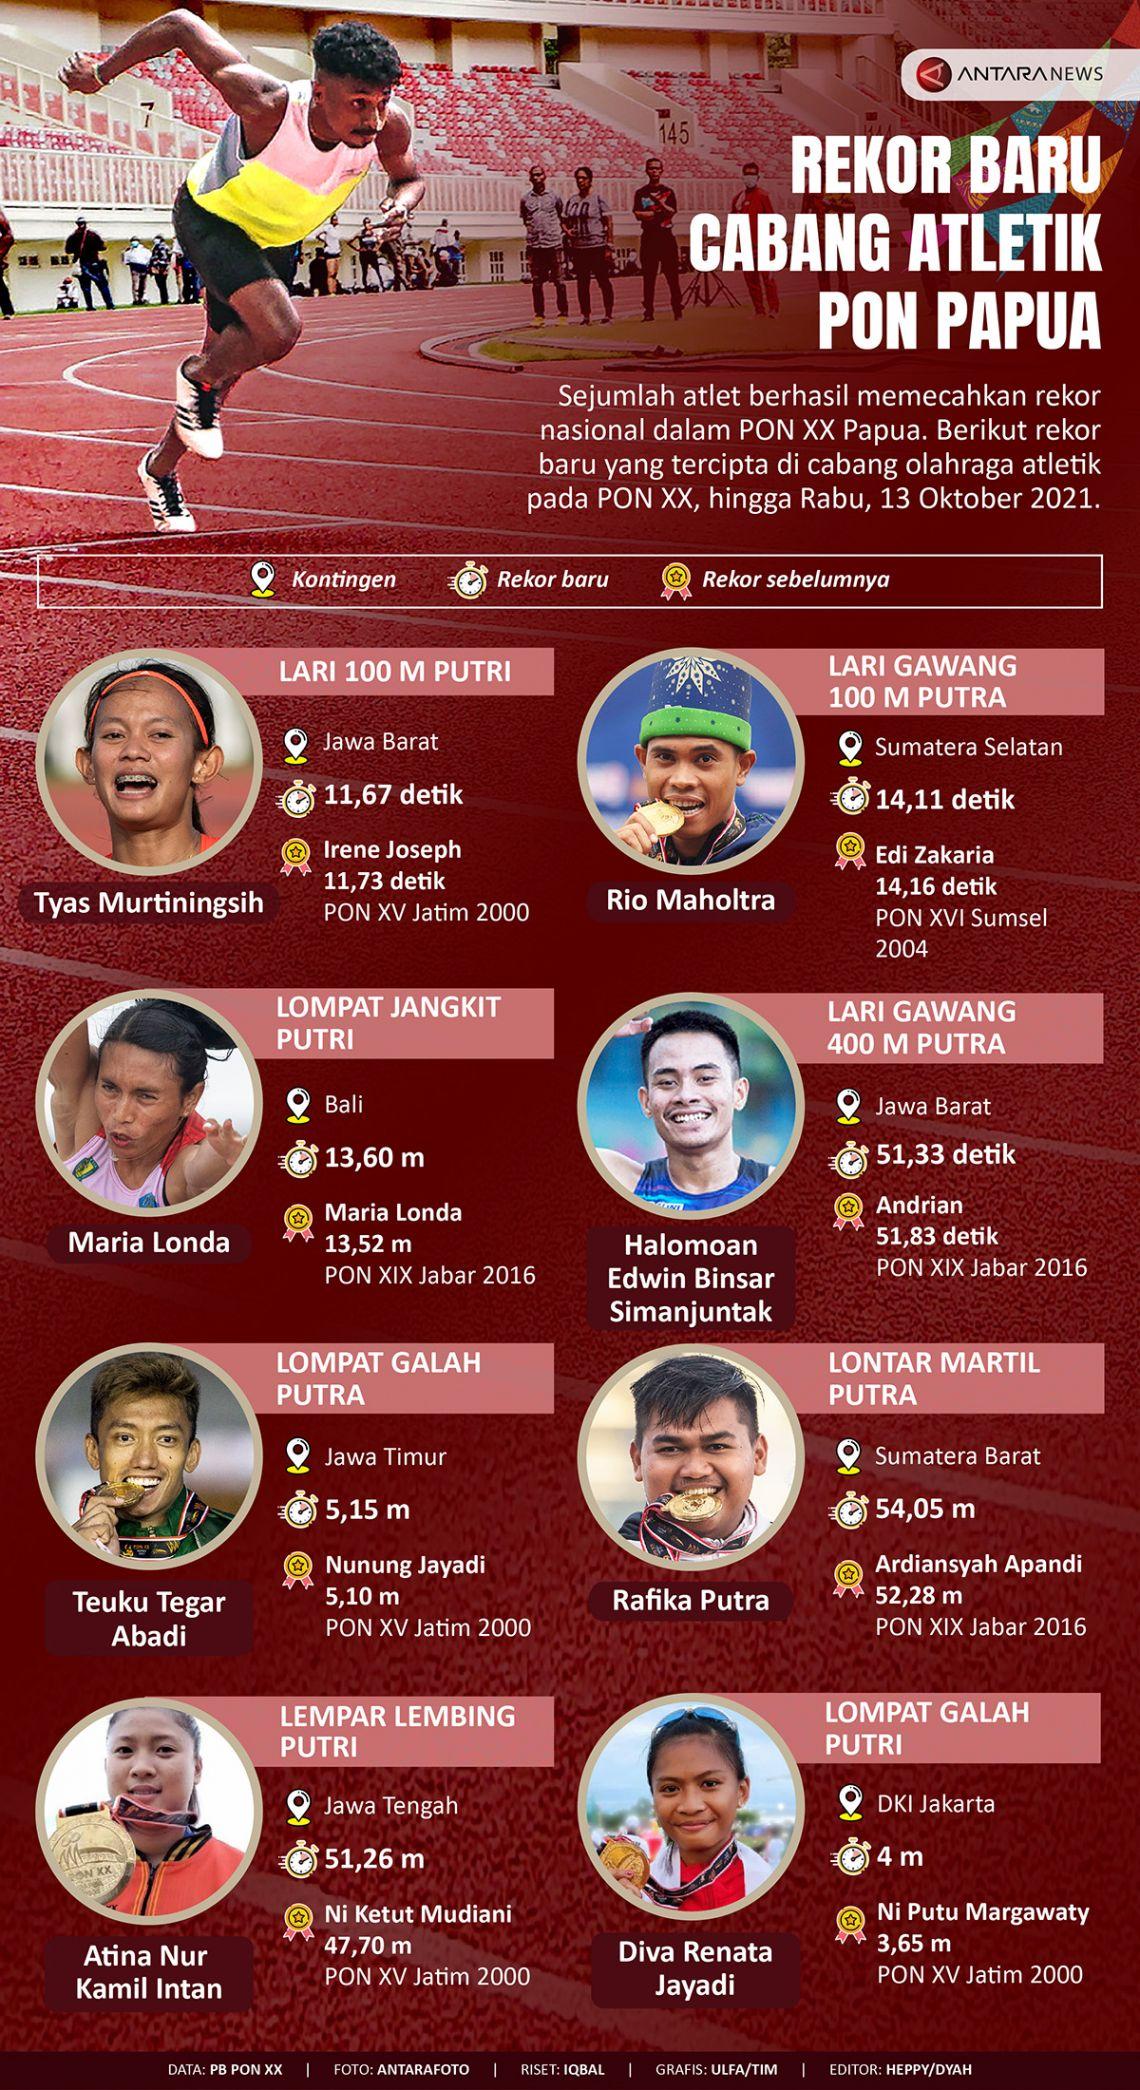 Daftar rekor baru cabang atletik PON Papua